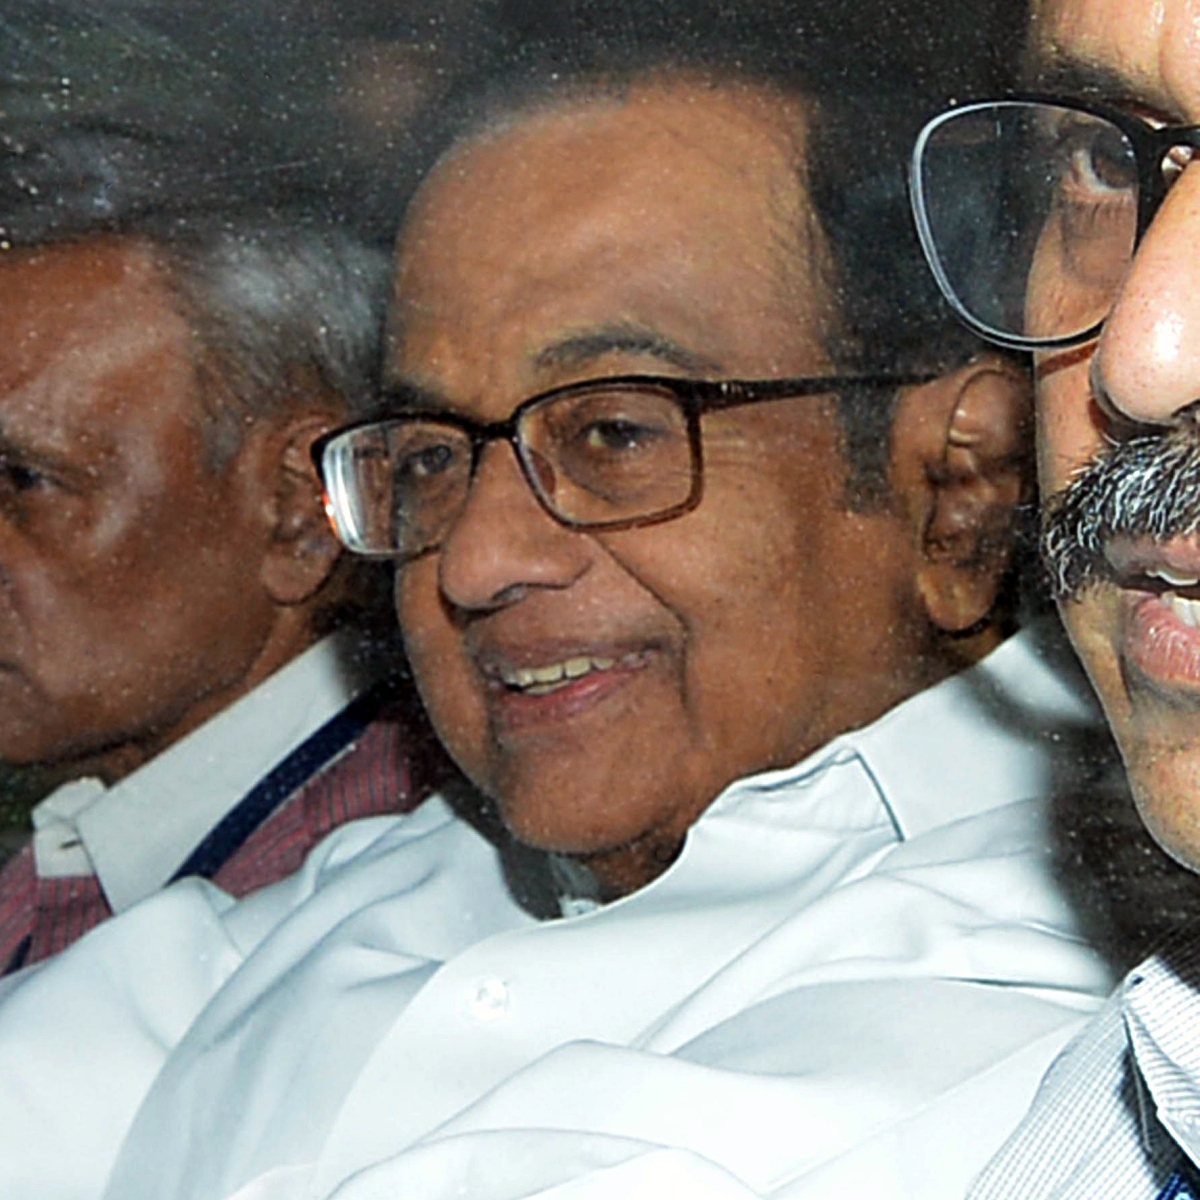 INX Media case: CBI remand of P Chidambaram extended further till September 2